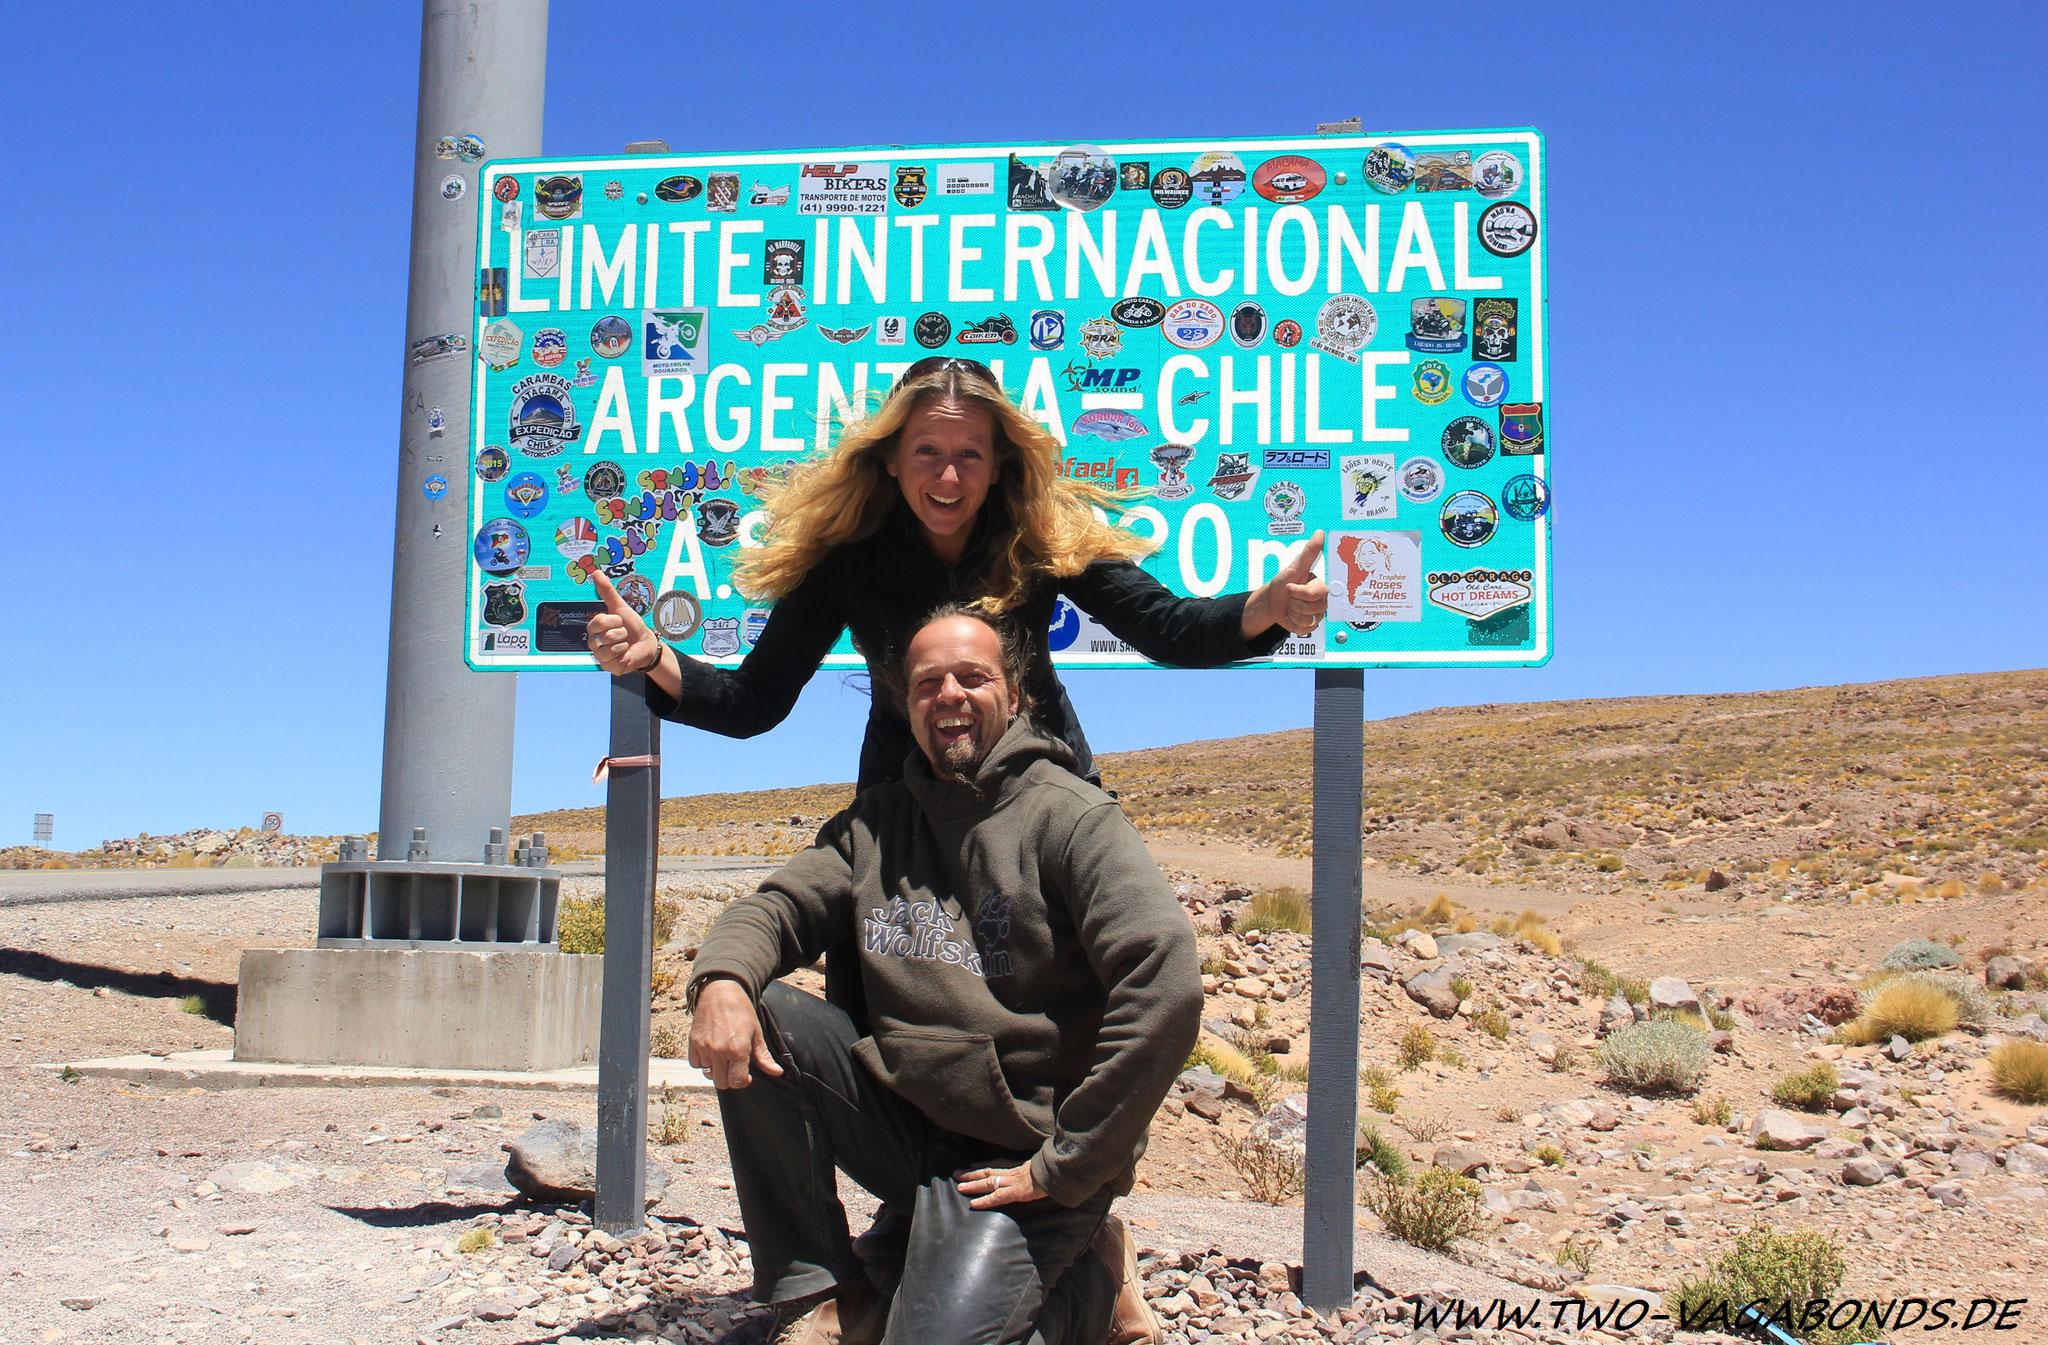 CHILE 2015 - GRENZE ARGENTINIEN/CHILE - PASO DE JAMA